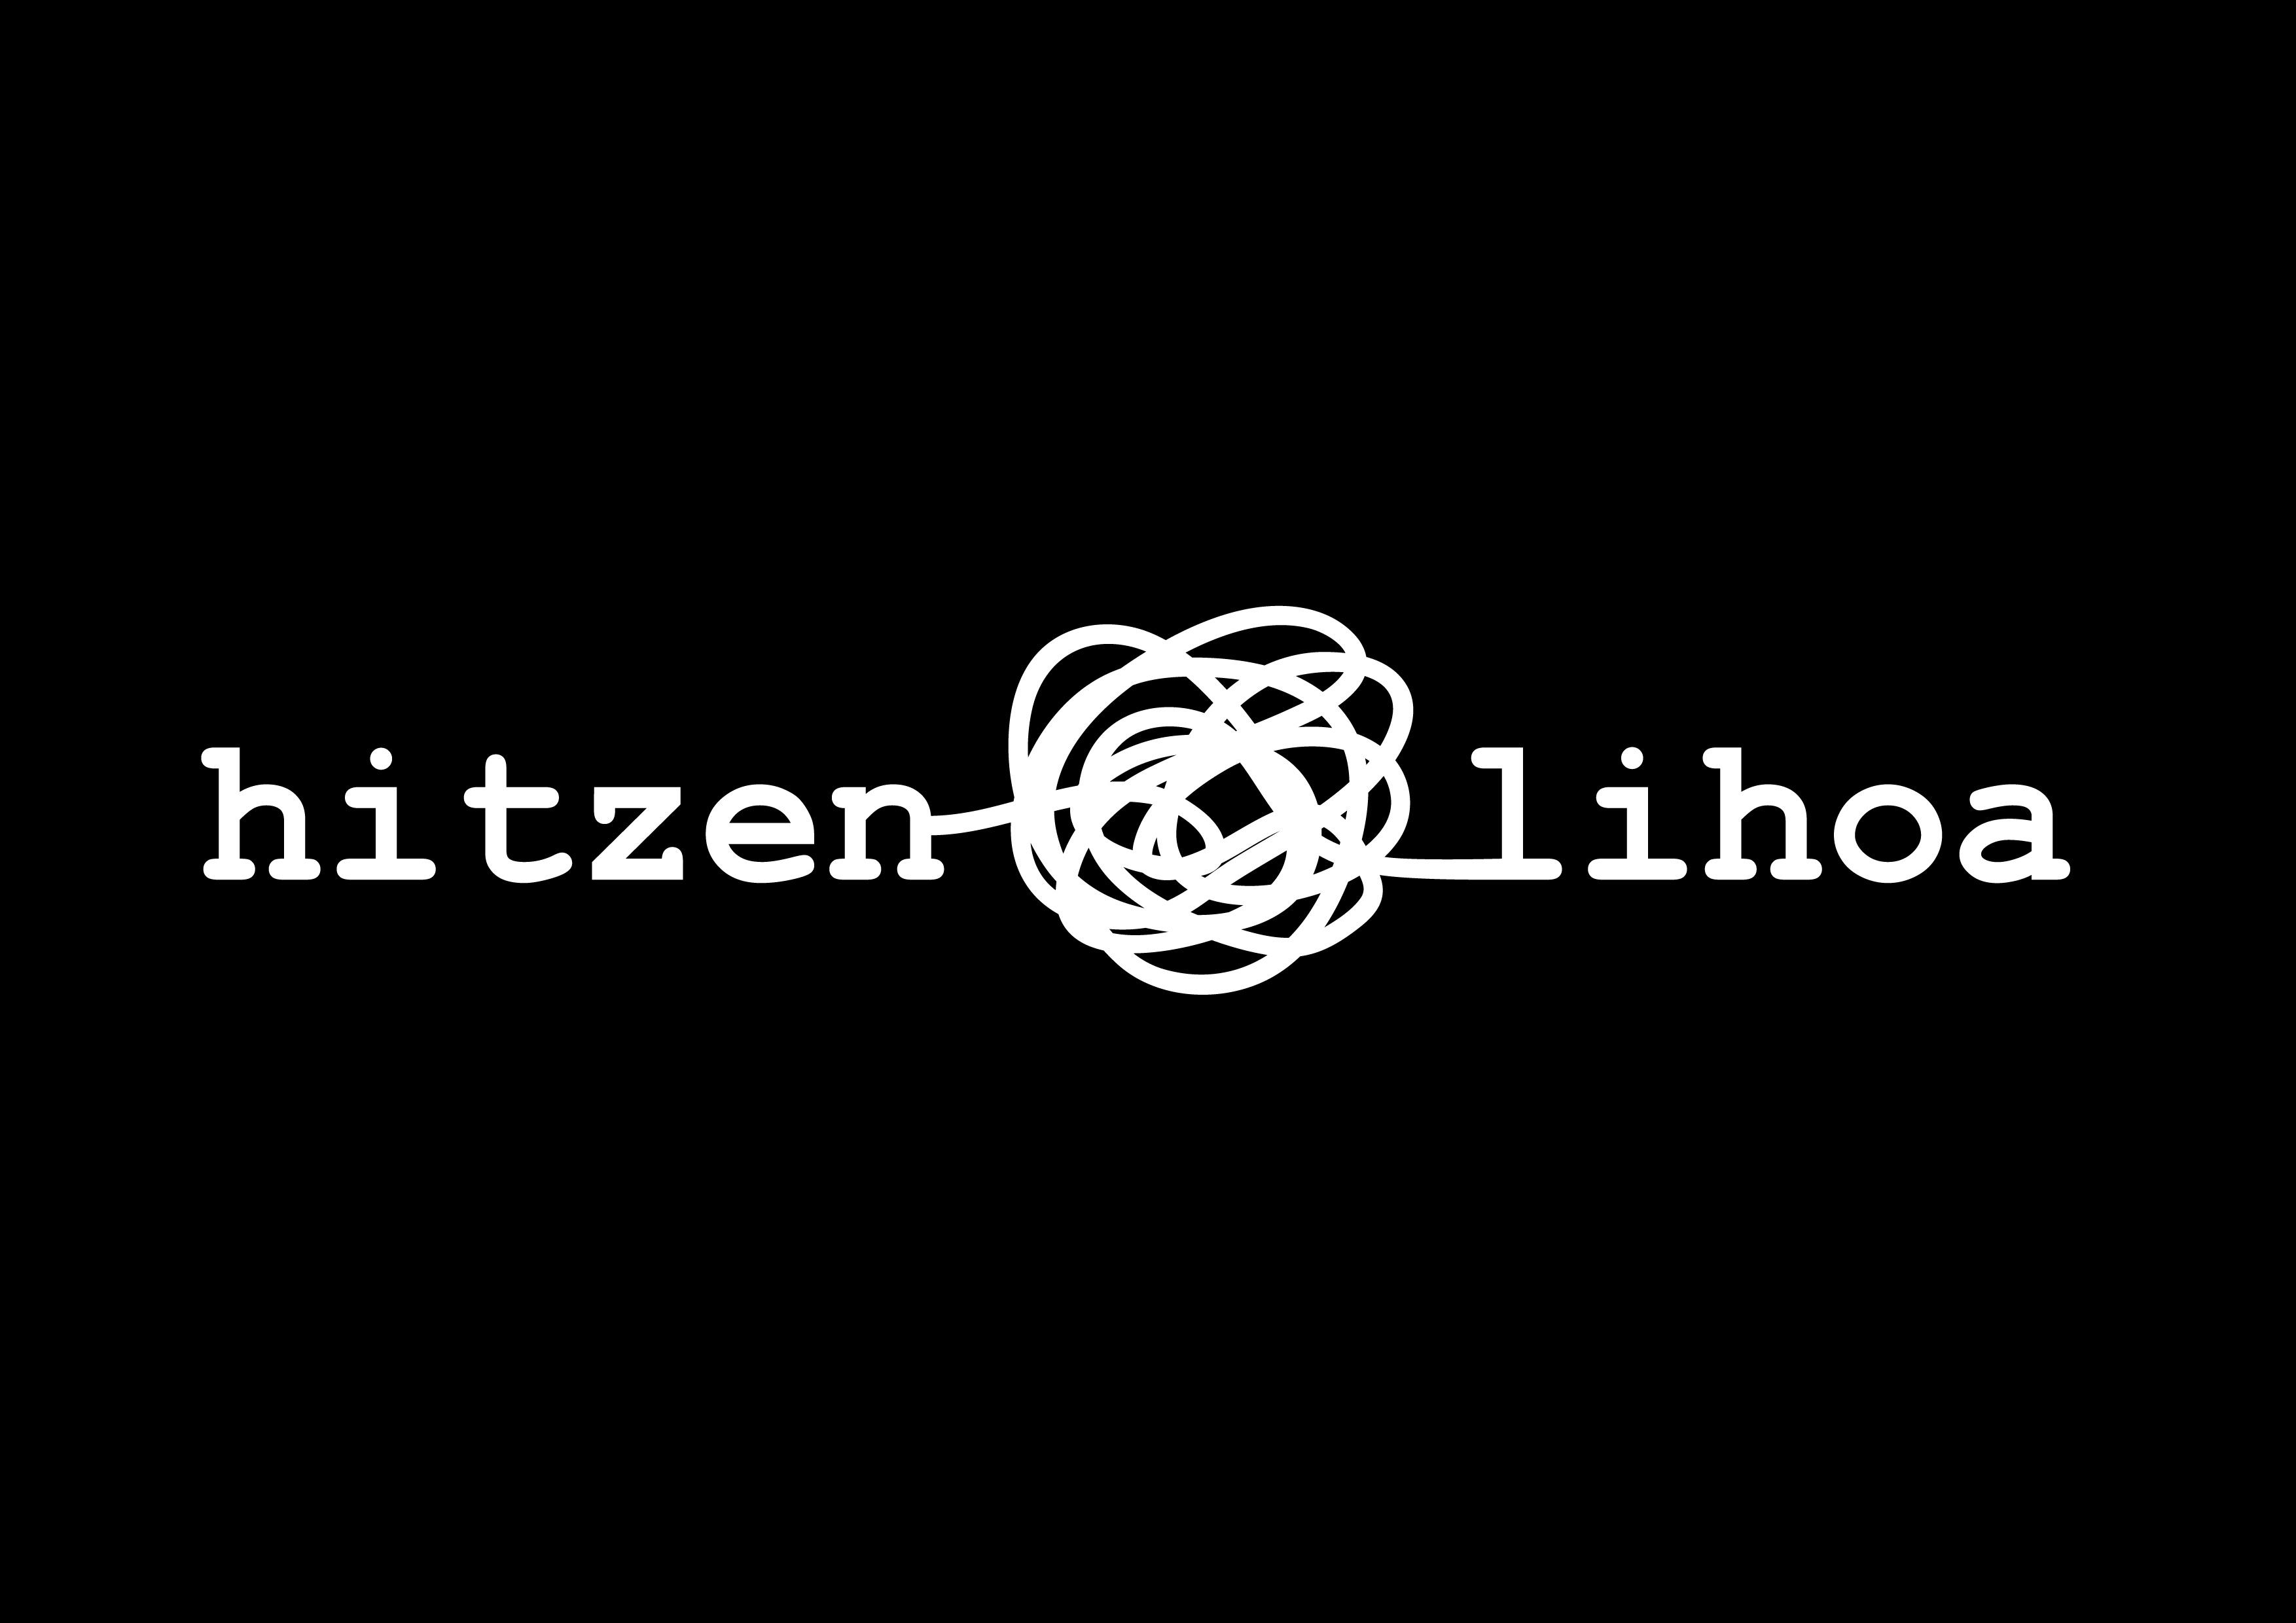 HITZEN LIHOA – Iñigo Muguruza